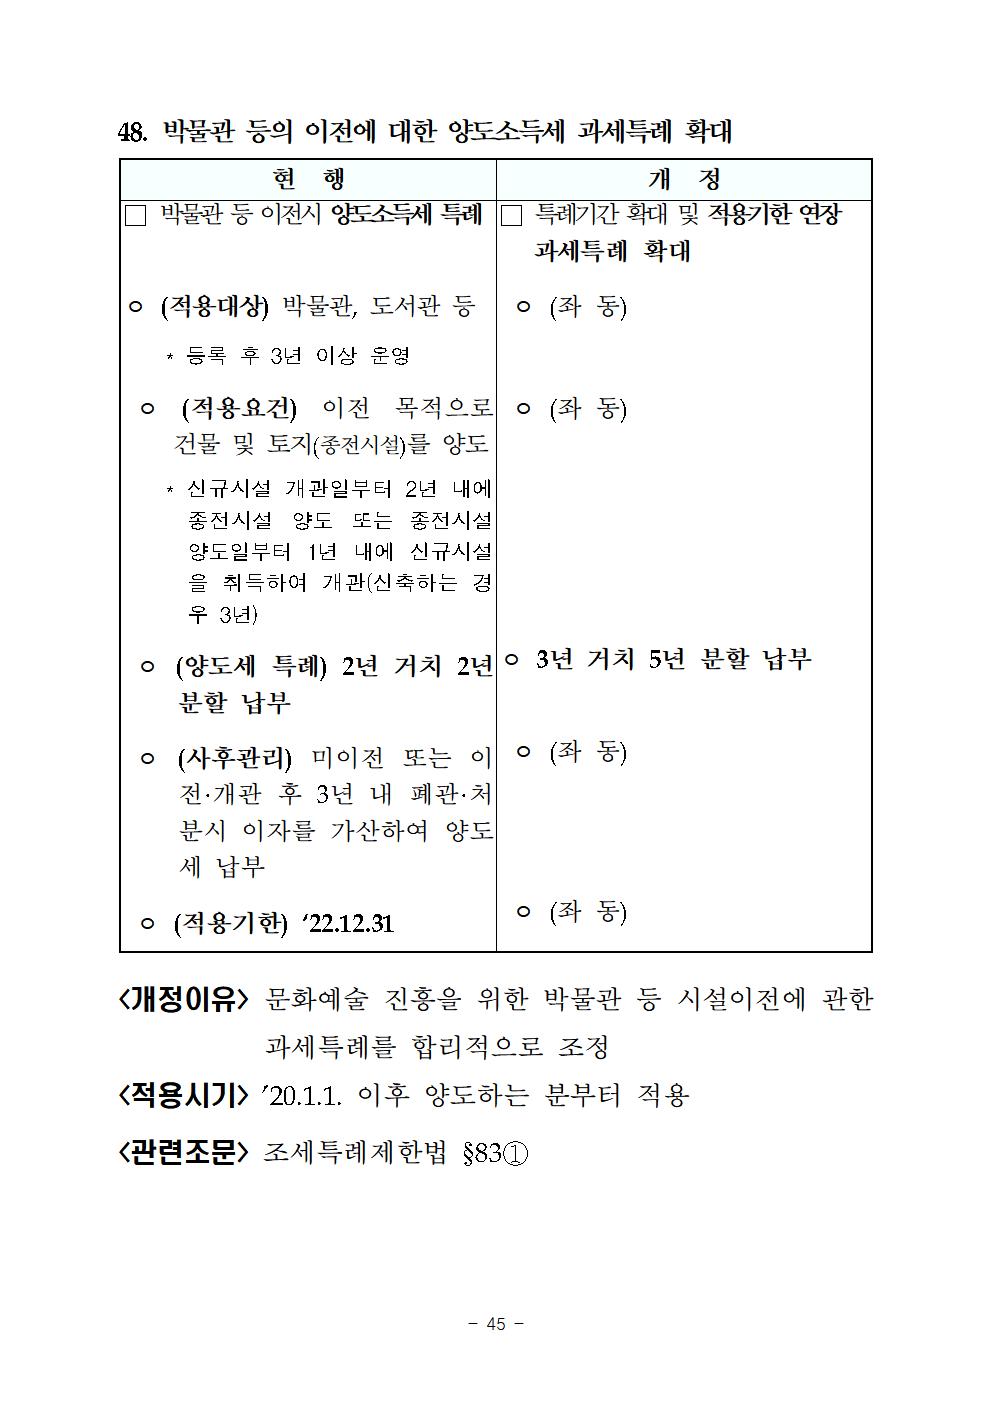 2019년세법개정내용(양도소득세분야)050.png